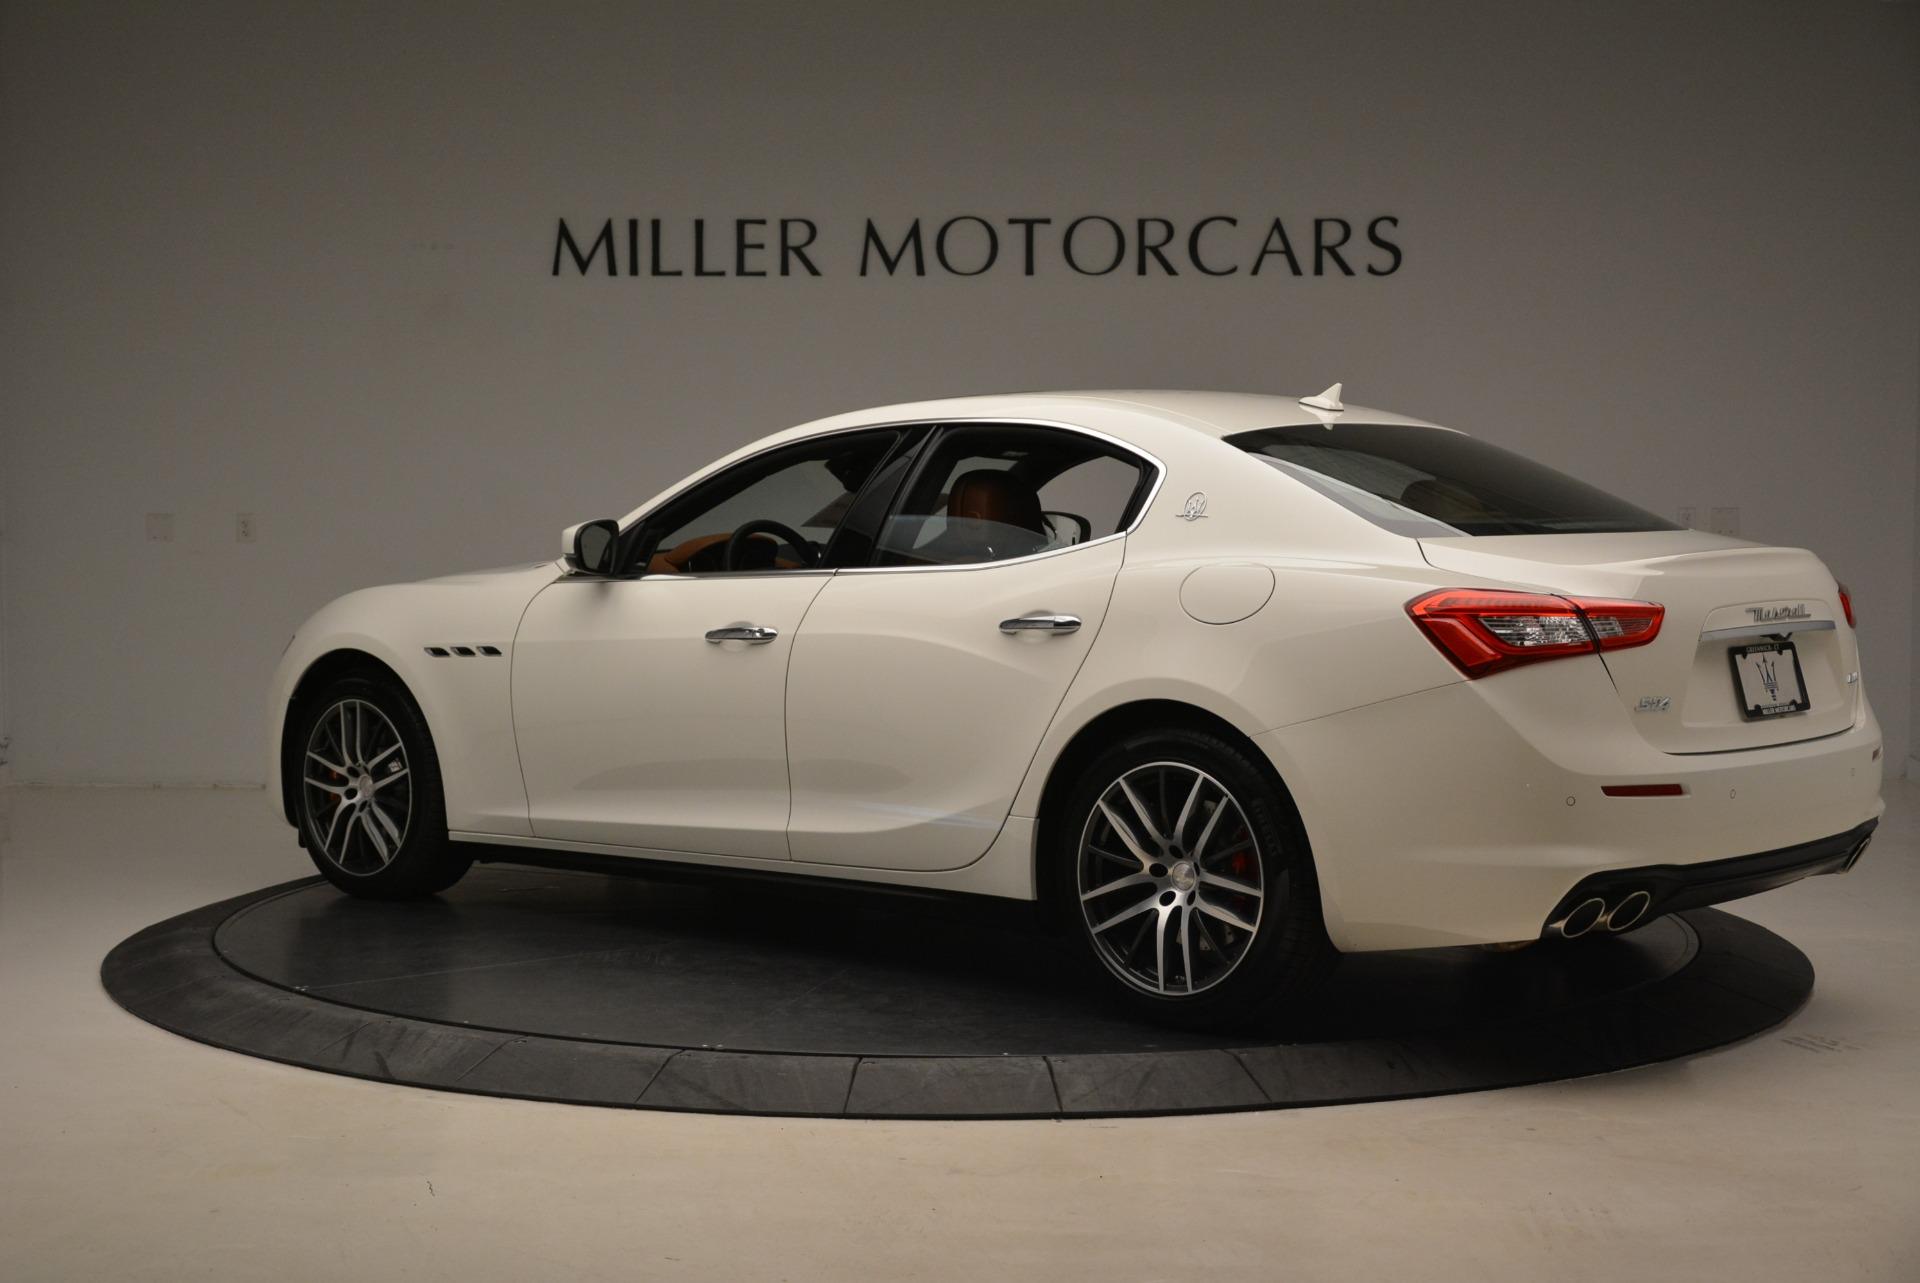 New 2018 Maserati Ghibli S Q4 For Sale In Greenwich, CT 2074_p3